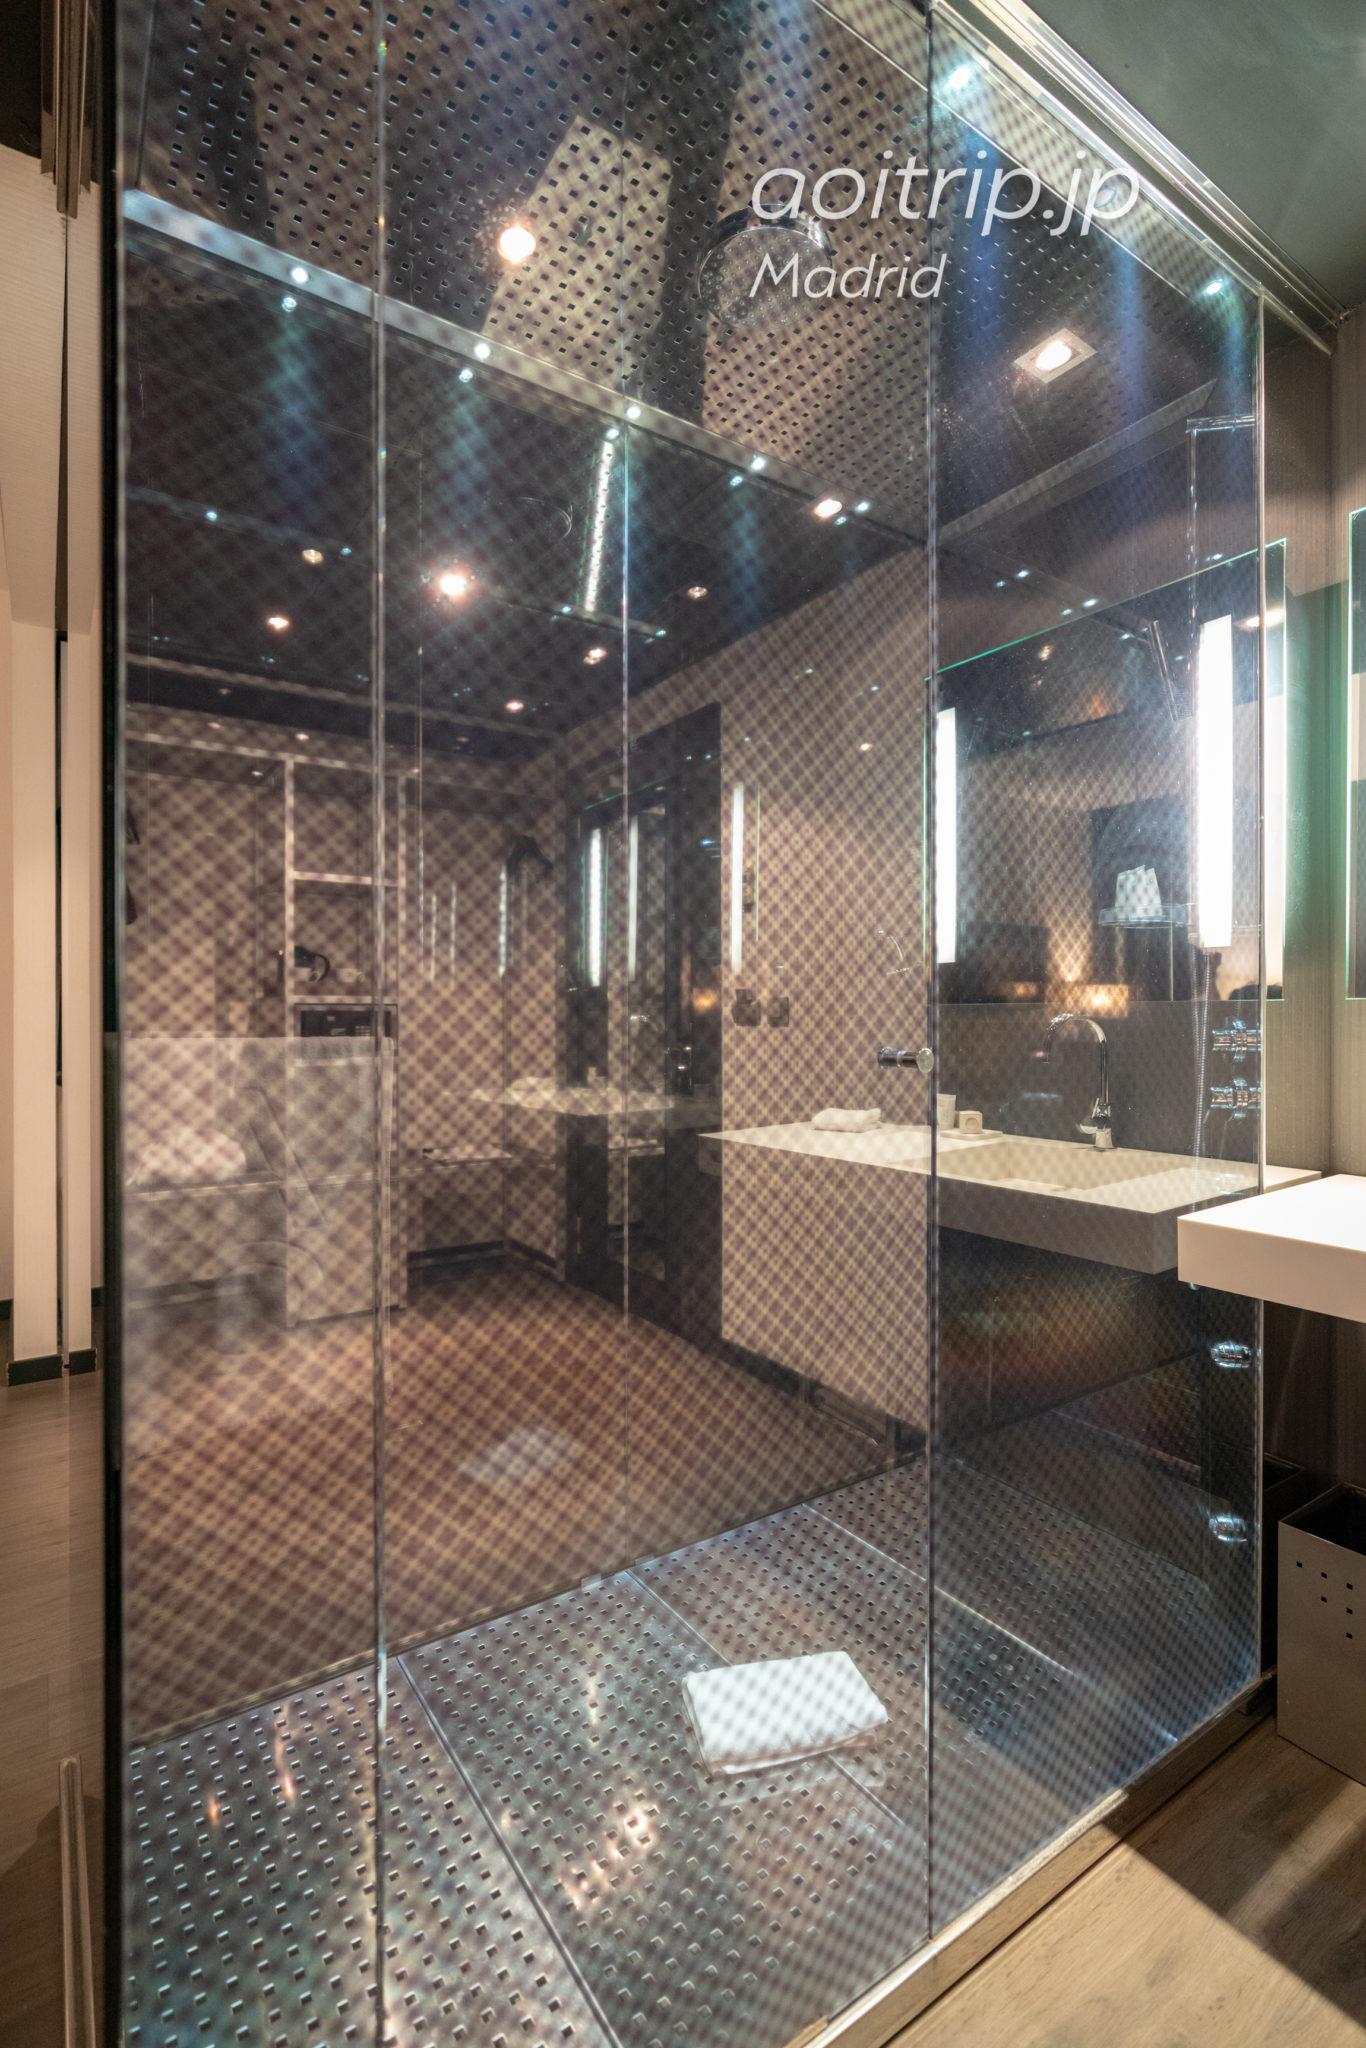 ACホテルマドリッドアトーチャのバスルーム